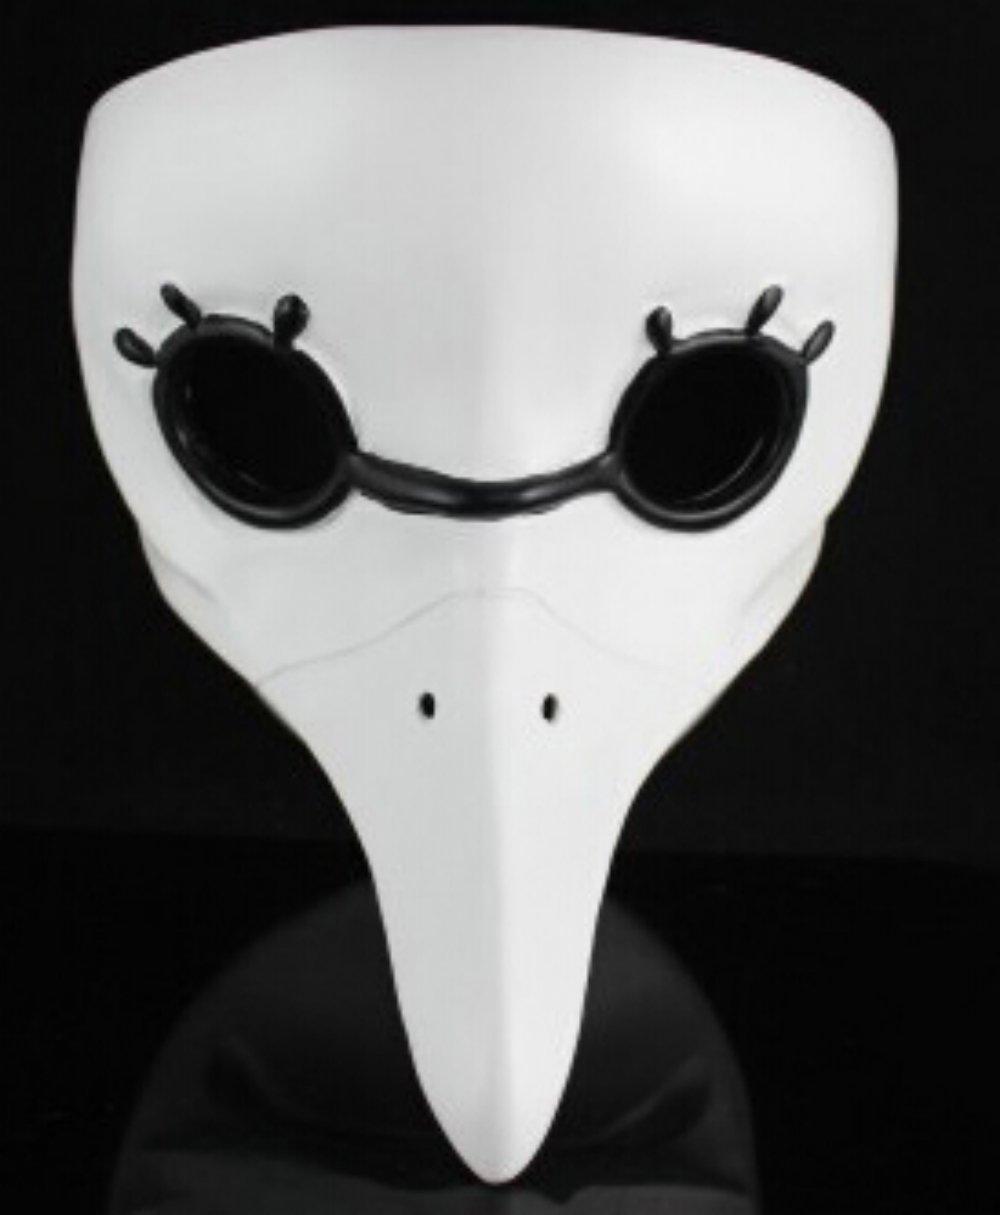 Helen Ou@horrible Beak Doctor Mask Assassins Brotherhood Plague Crow